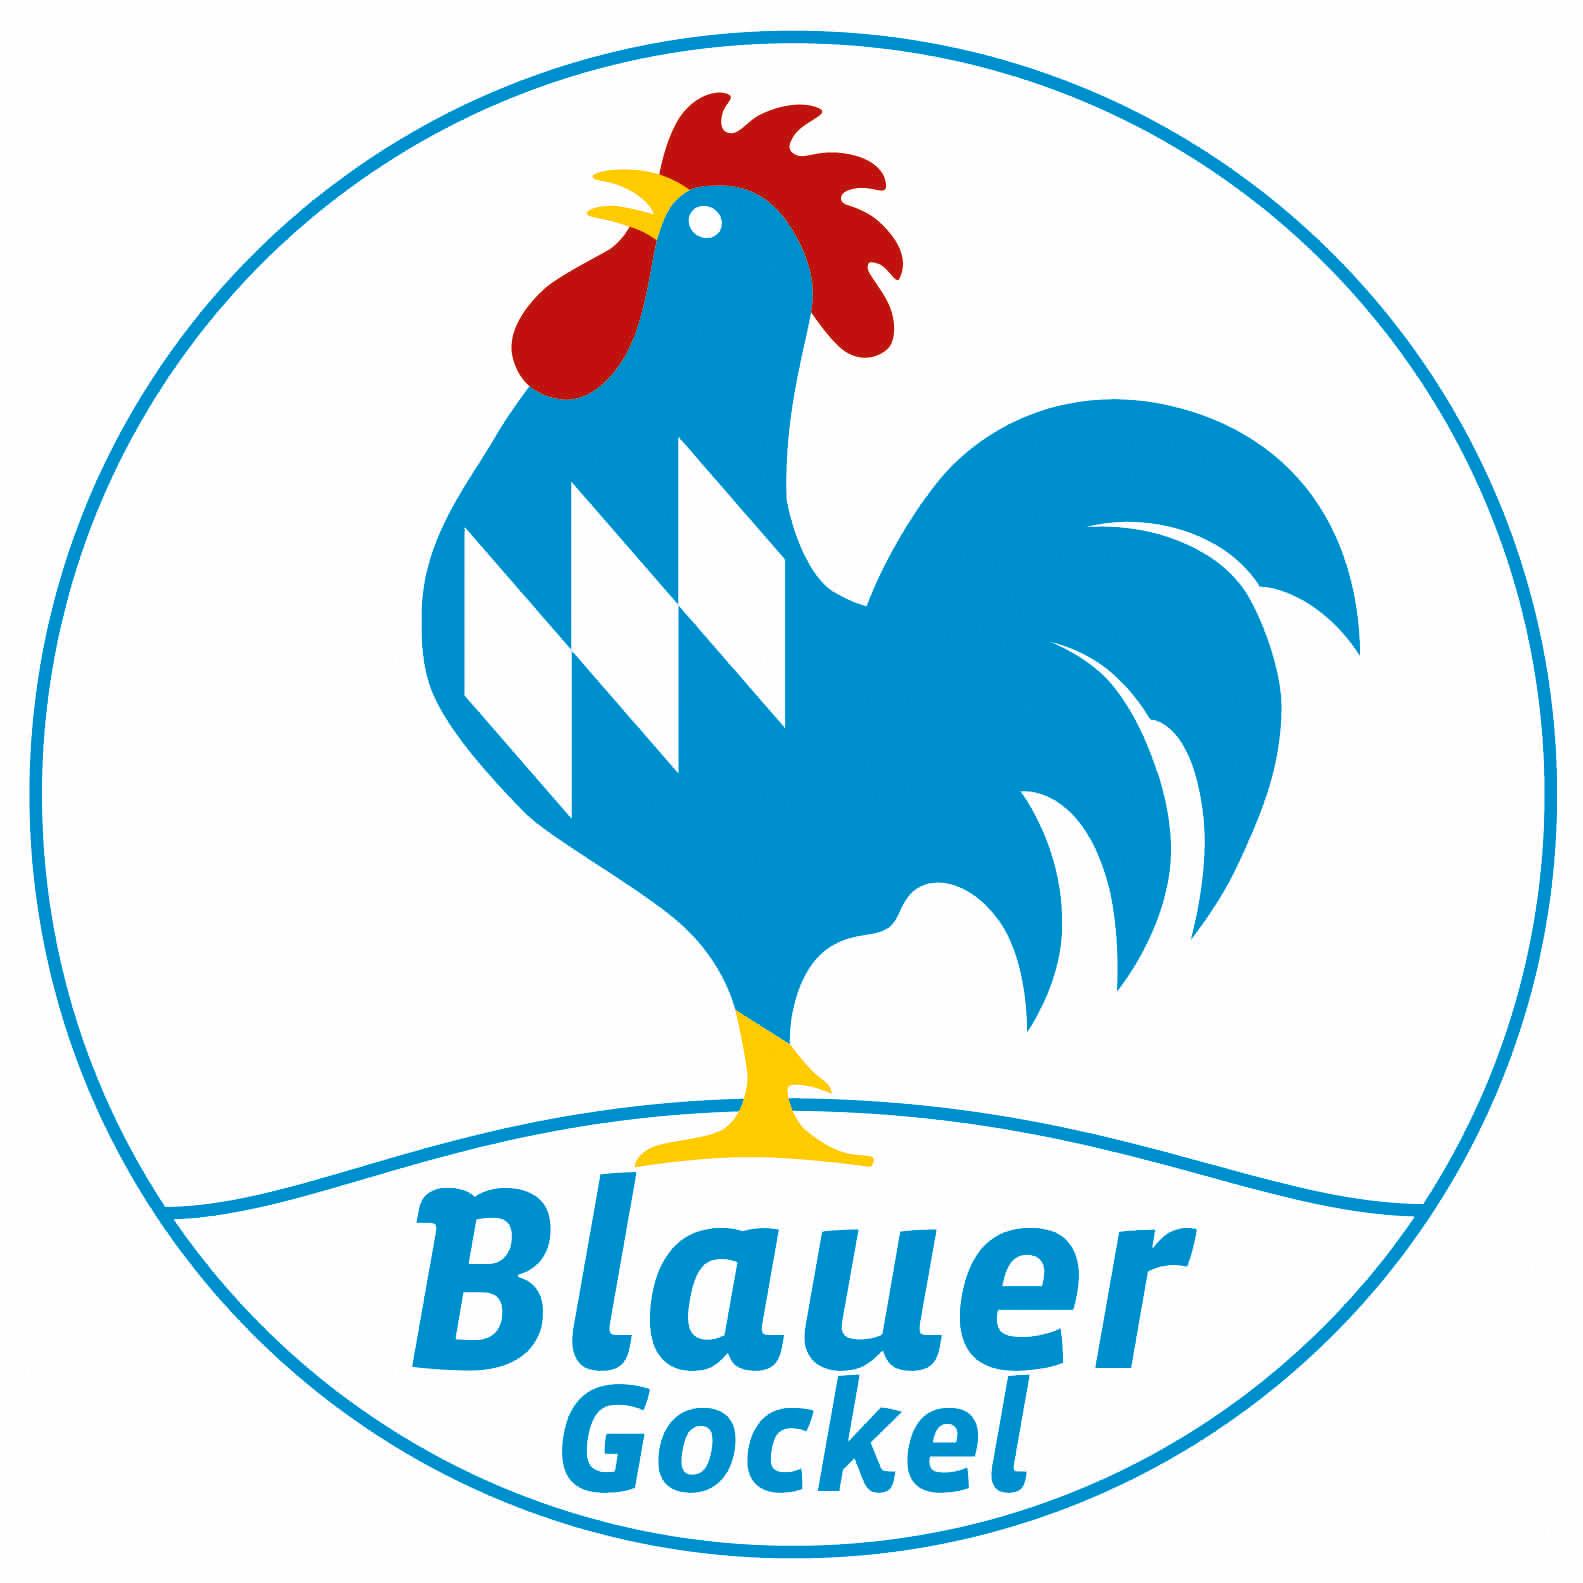 © Blauer Gockel - Bauernhof- und Landurlaub e.V.